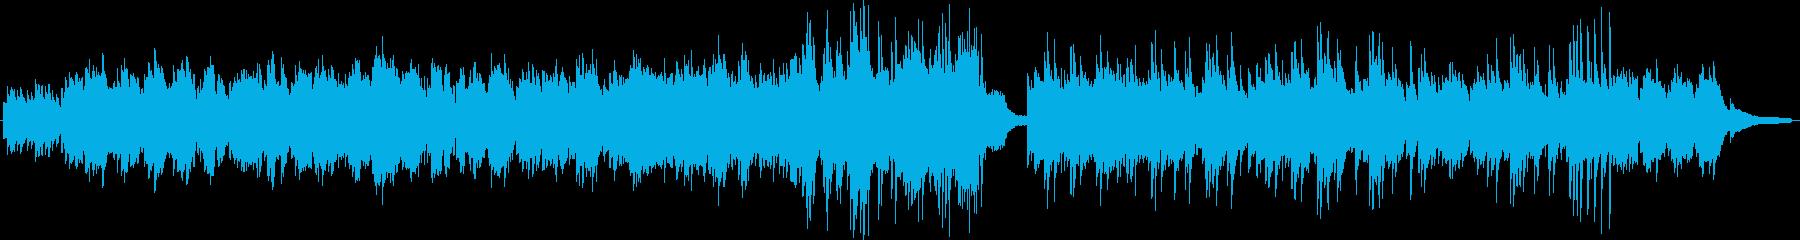 ピアノとチェロのデュオ 癒し ヒーリングの再生済みの波形